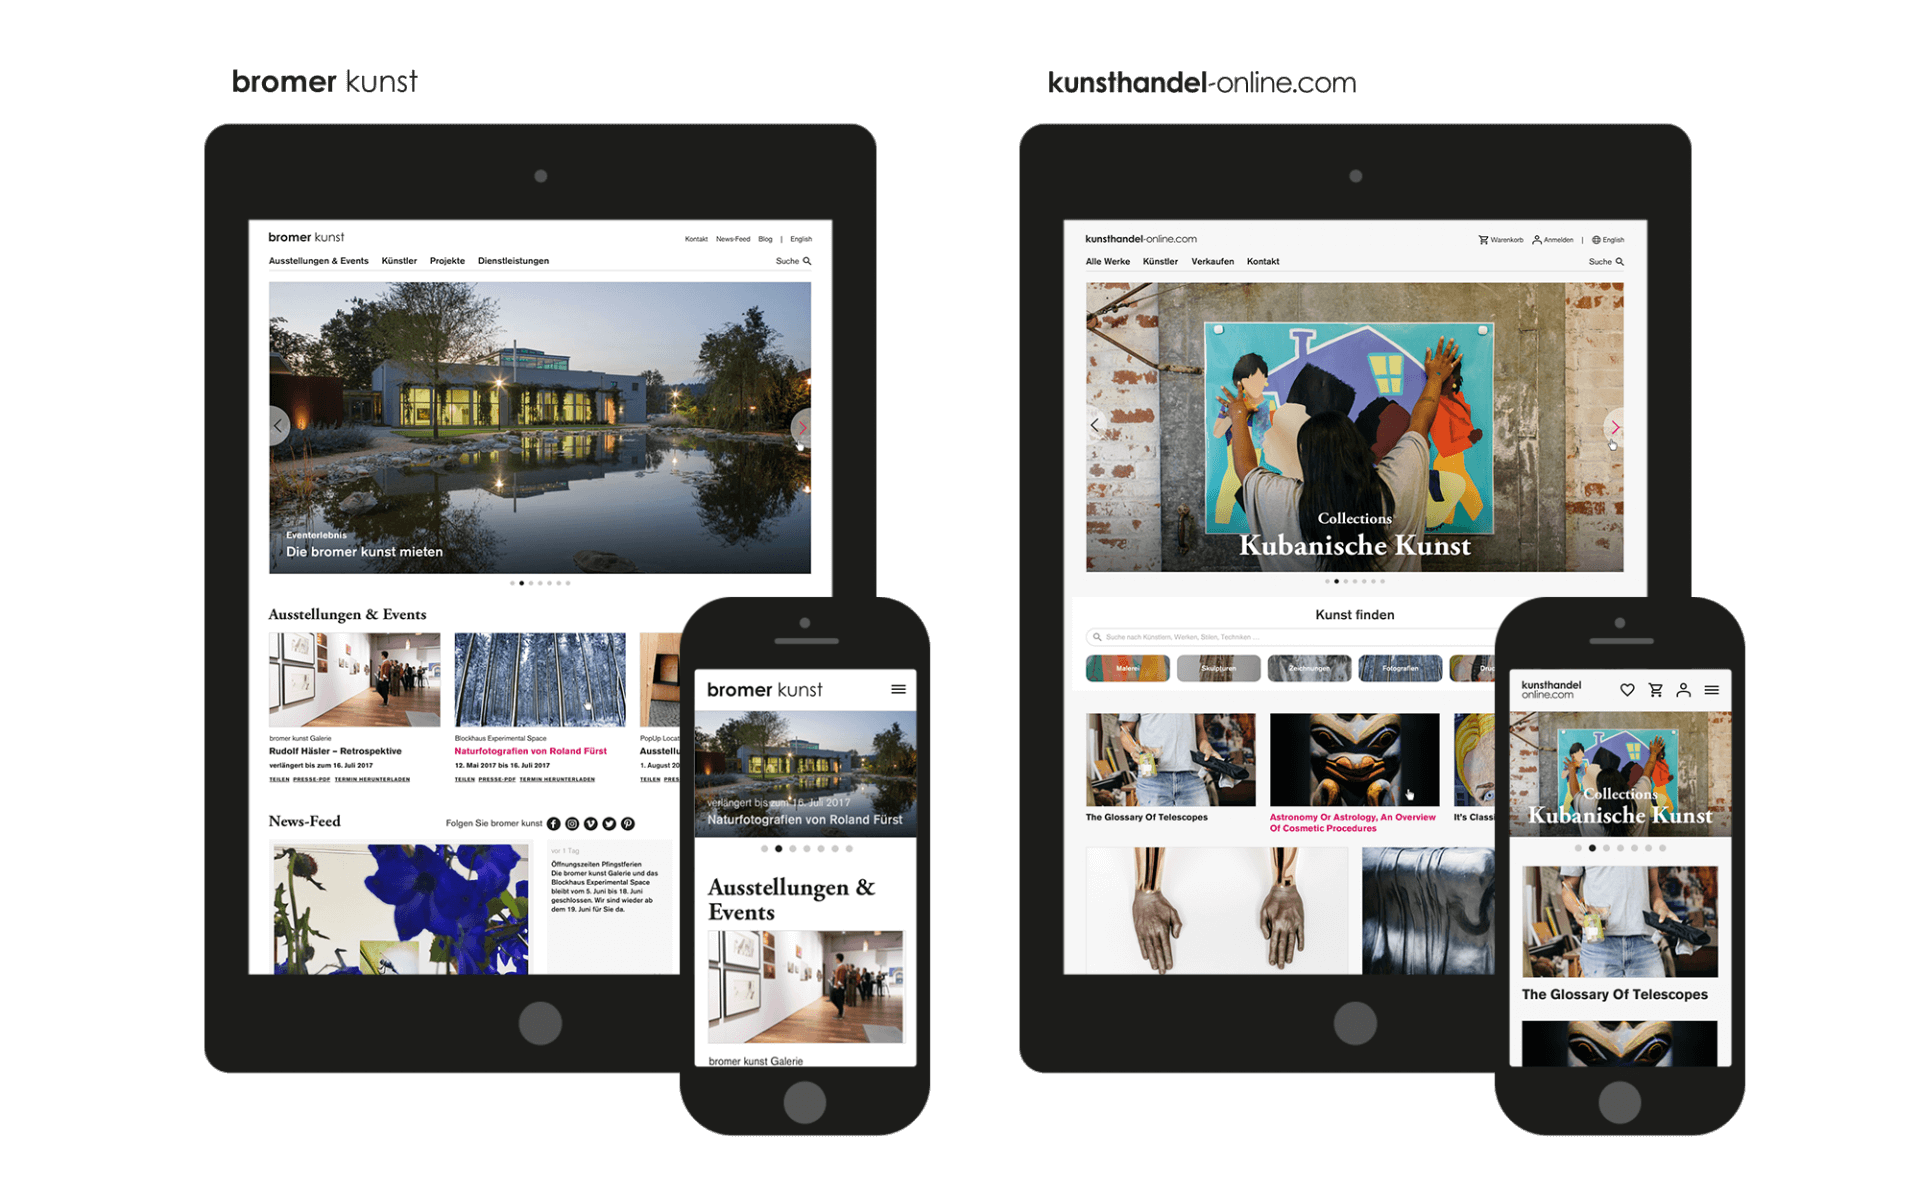 bromer kunst und kunsthandel-online.com optimiert für verschiedene Geräte